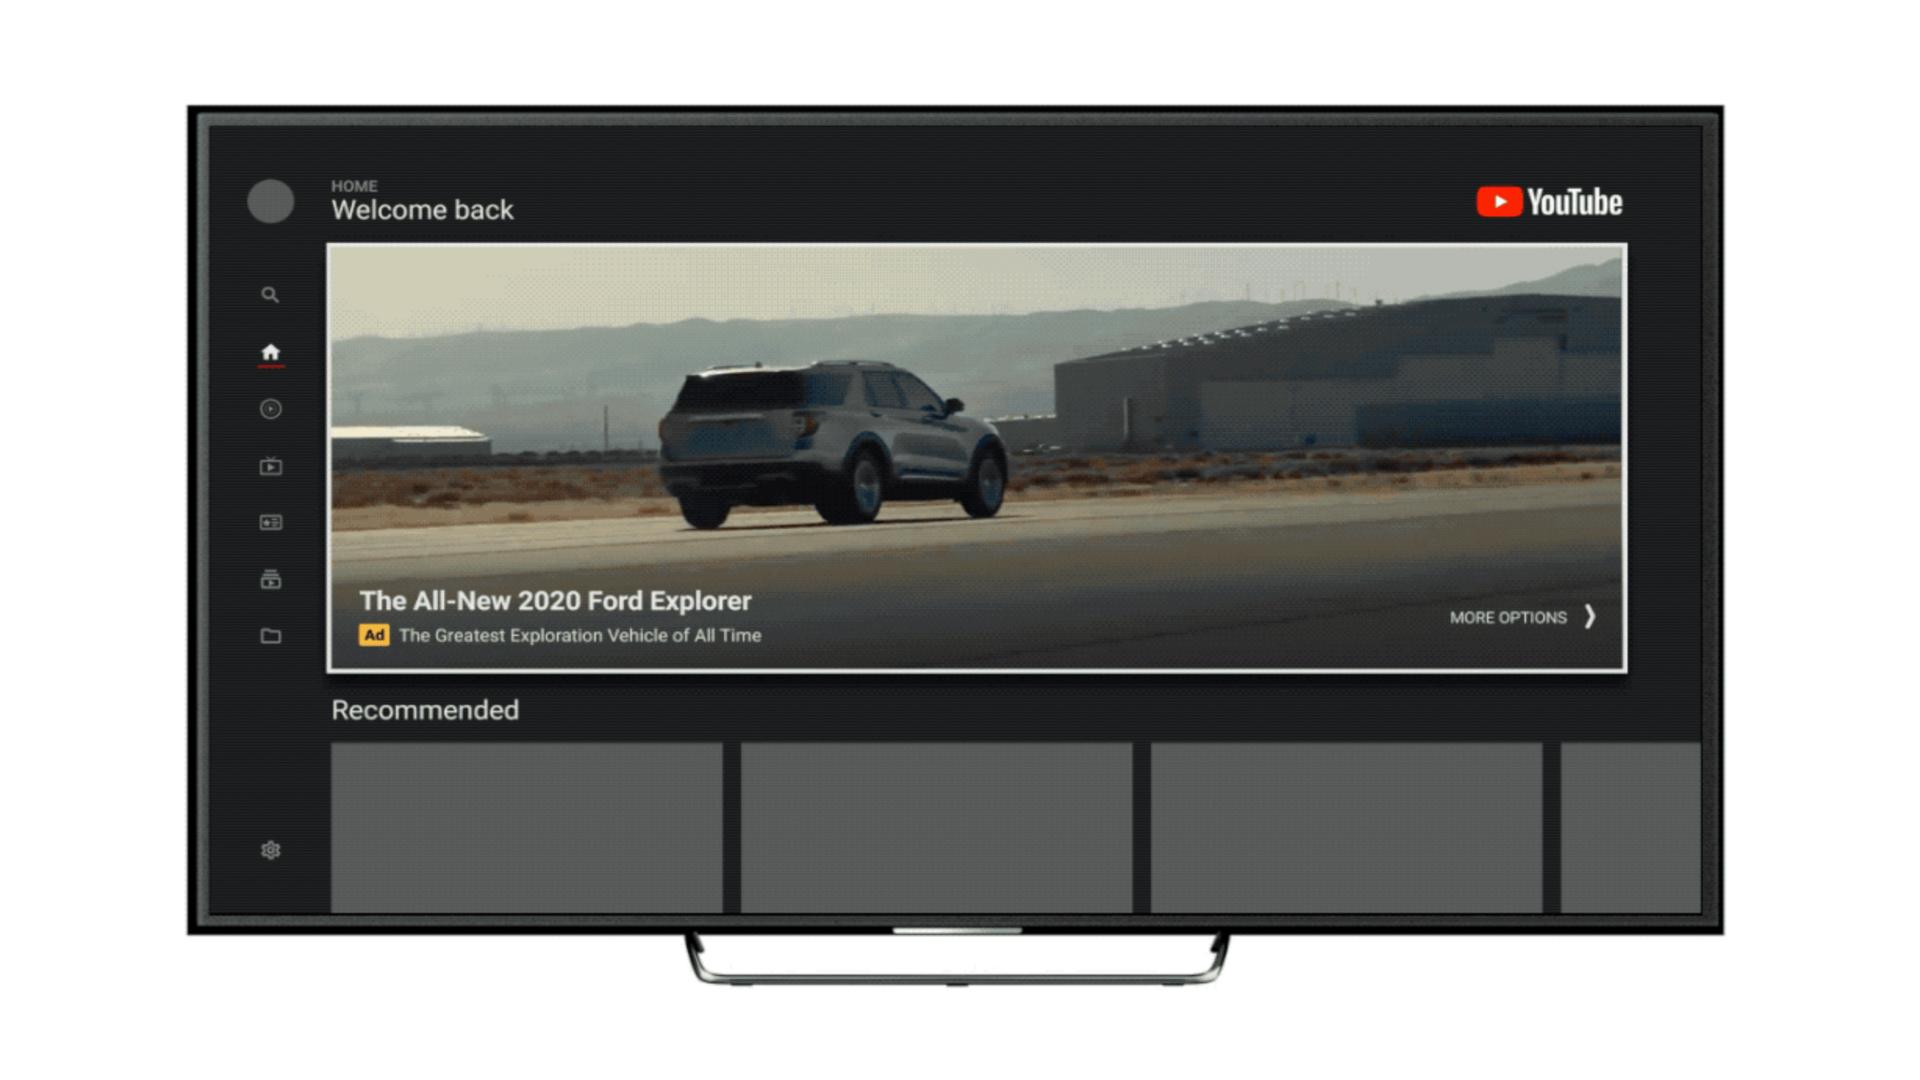 YouTube wprowadza irytujące reklamy na prawie cały ekran TV